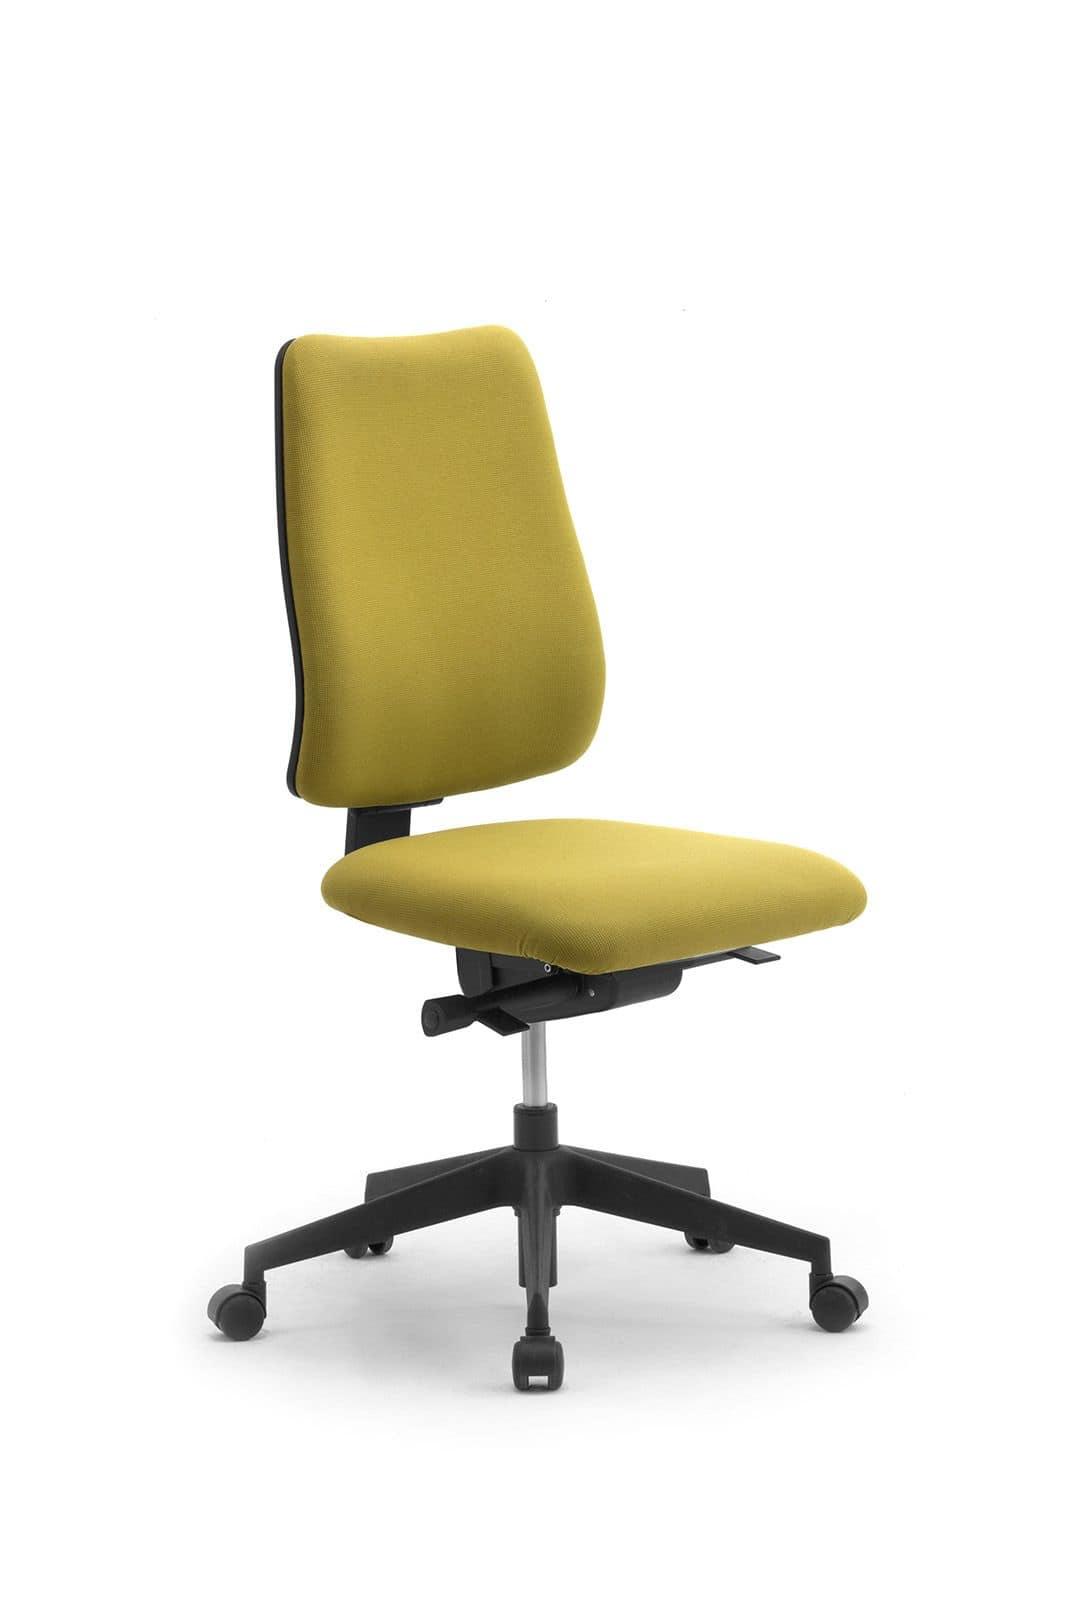 Sedia operativa da ufficio senza braccioli idfdesign for Sedia da ufficio amazon